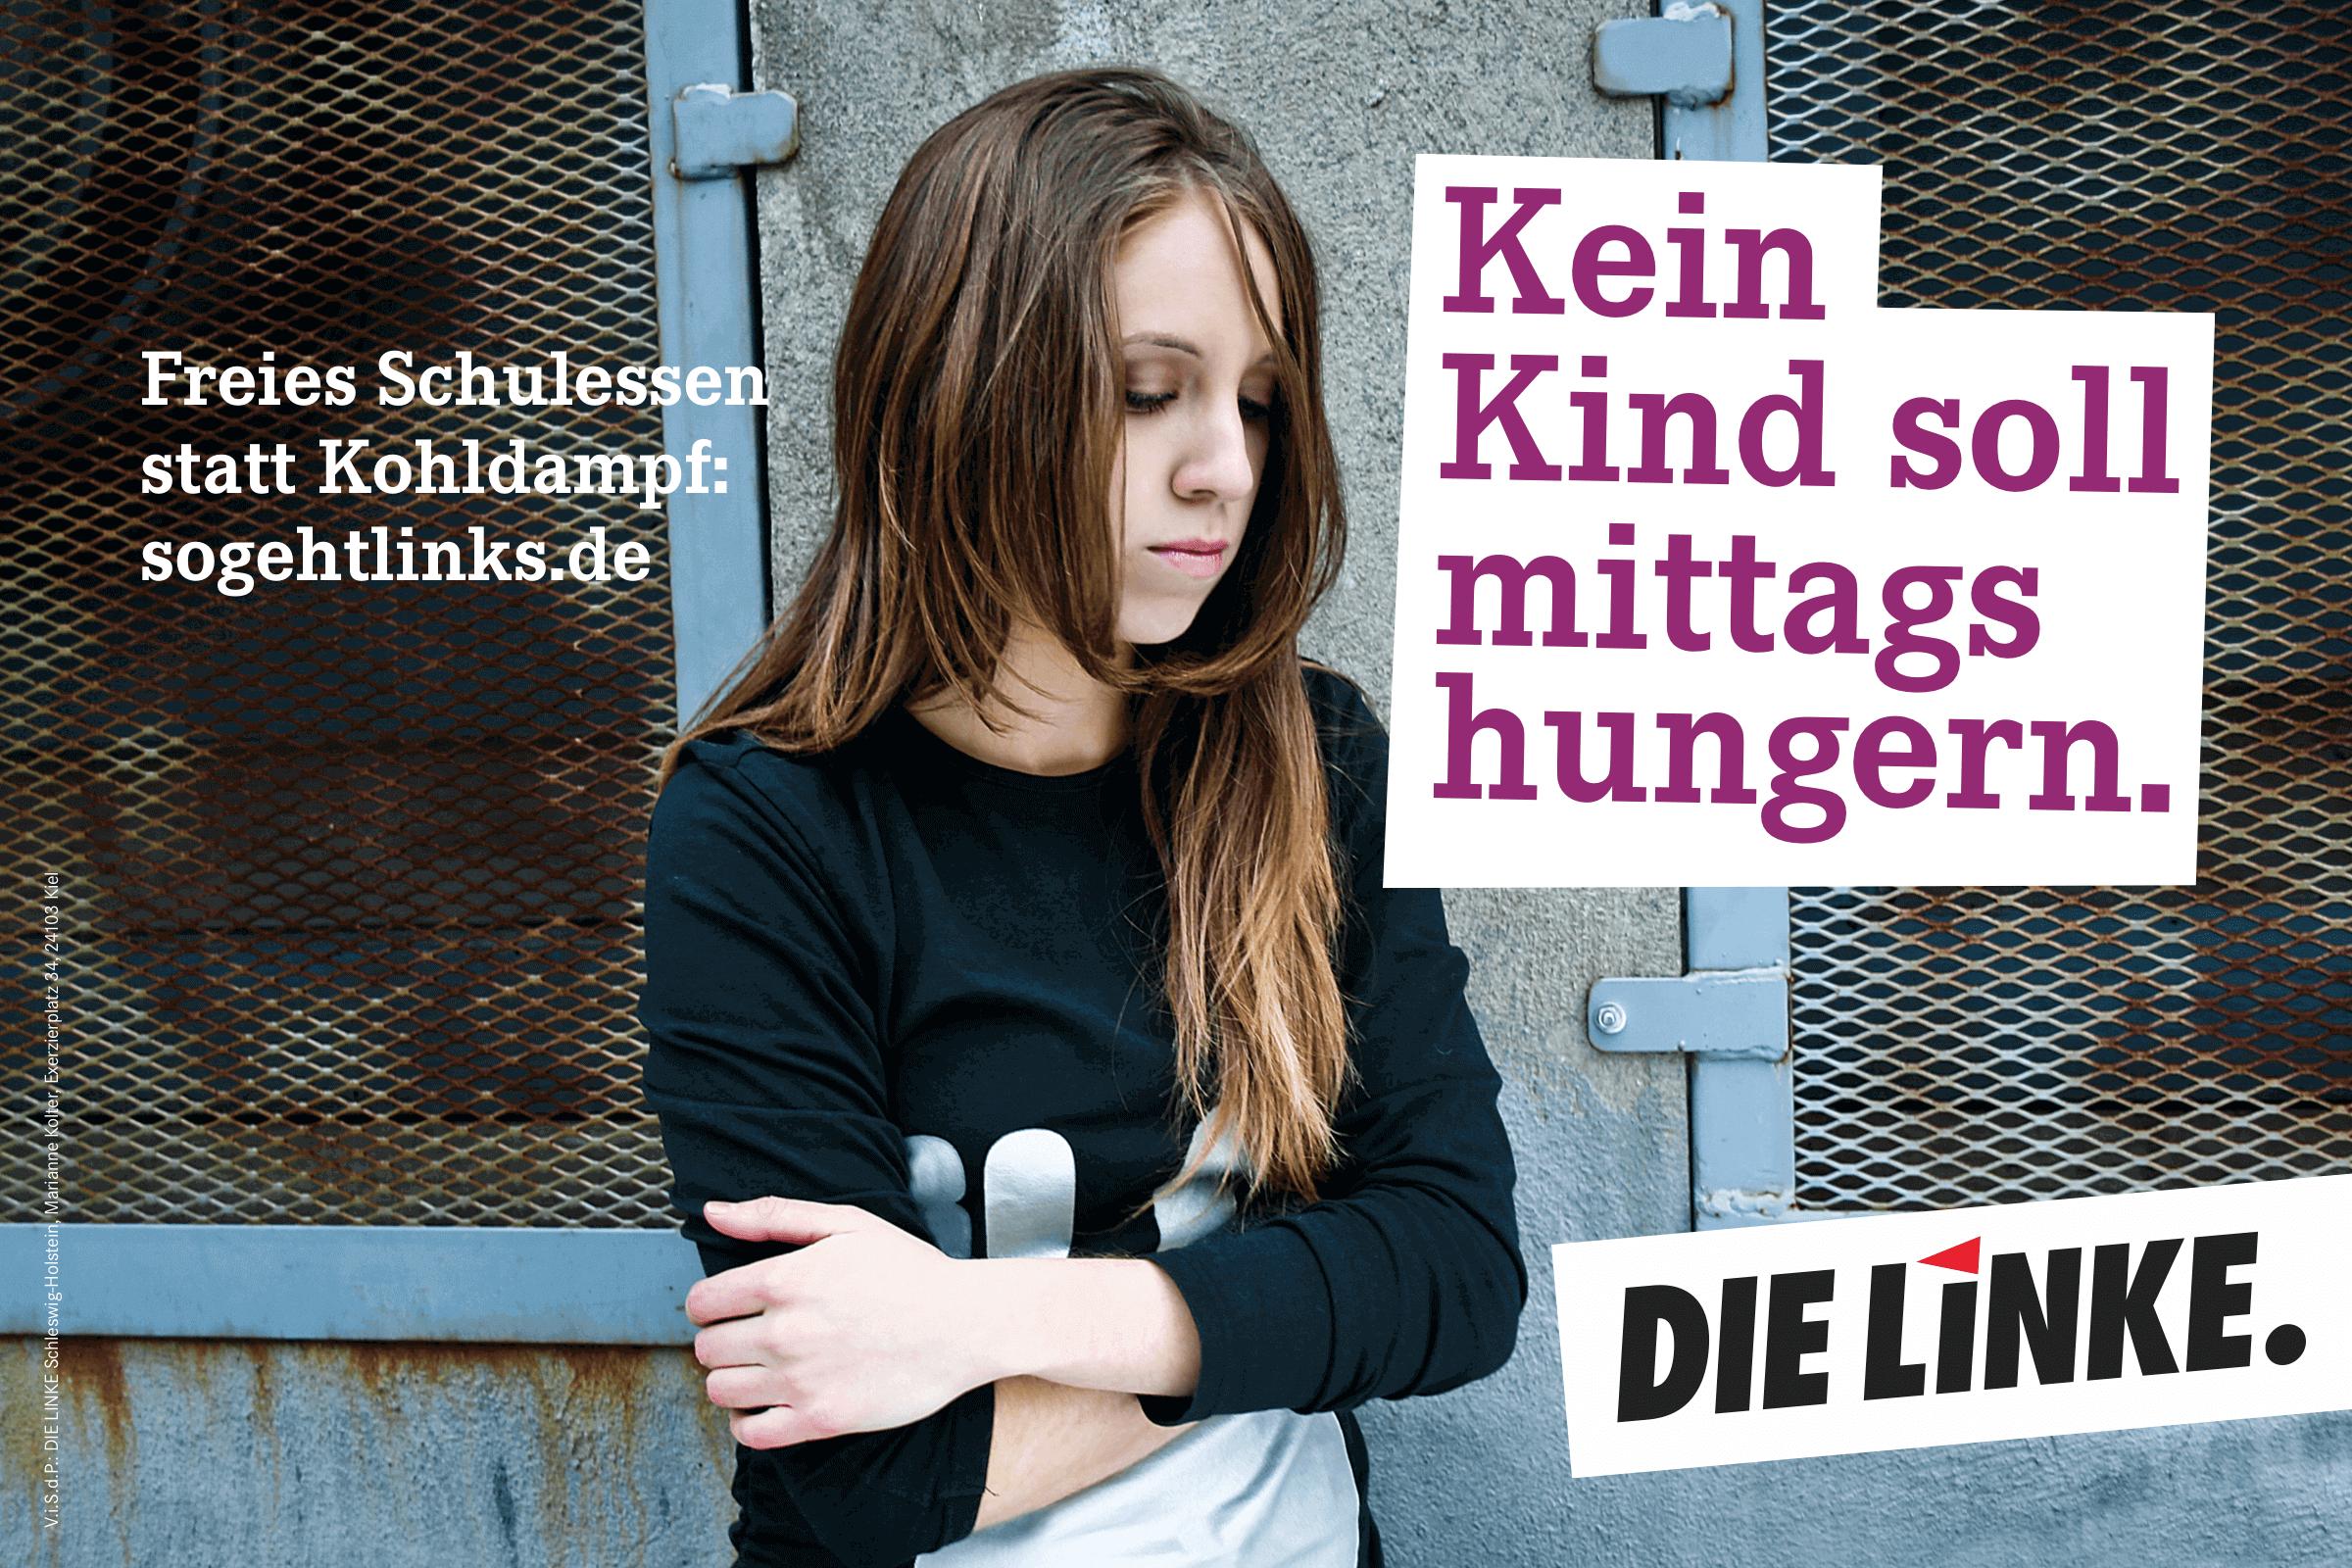 Kein Kind soll mittags hungern. Freies Schulessen statt Kohldampf. (Plakat DIE LINKE zur Landtagswahl 2017 in Schleswig-Holstein)